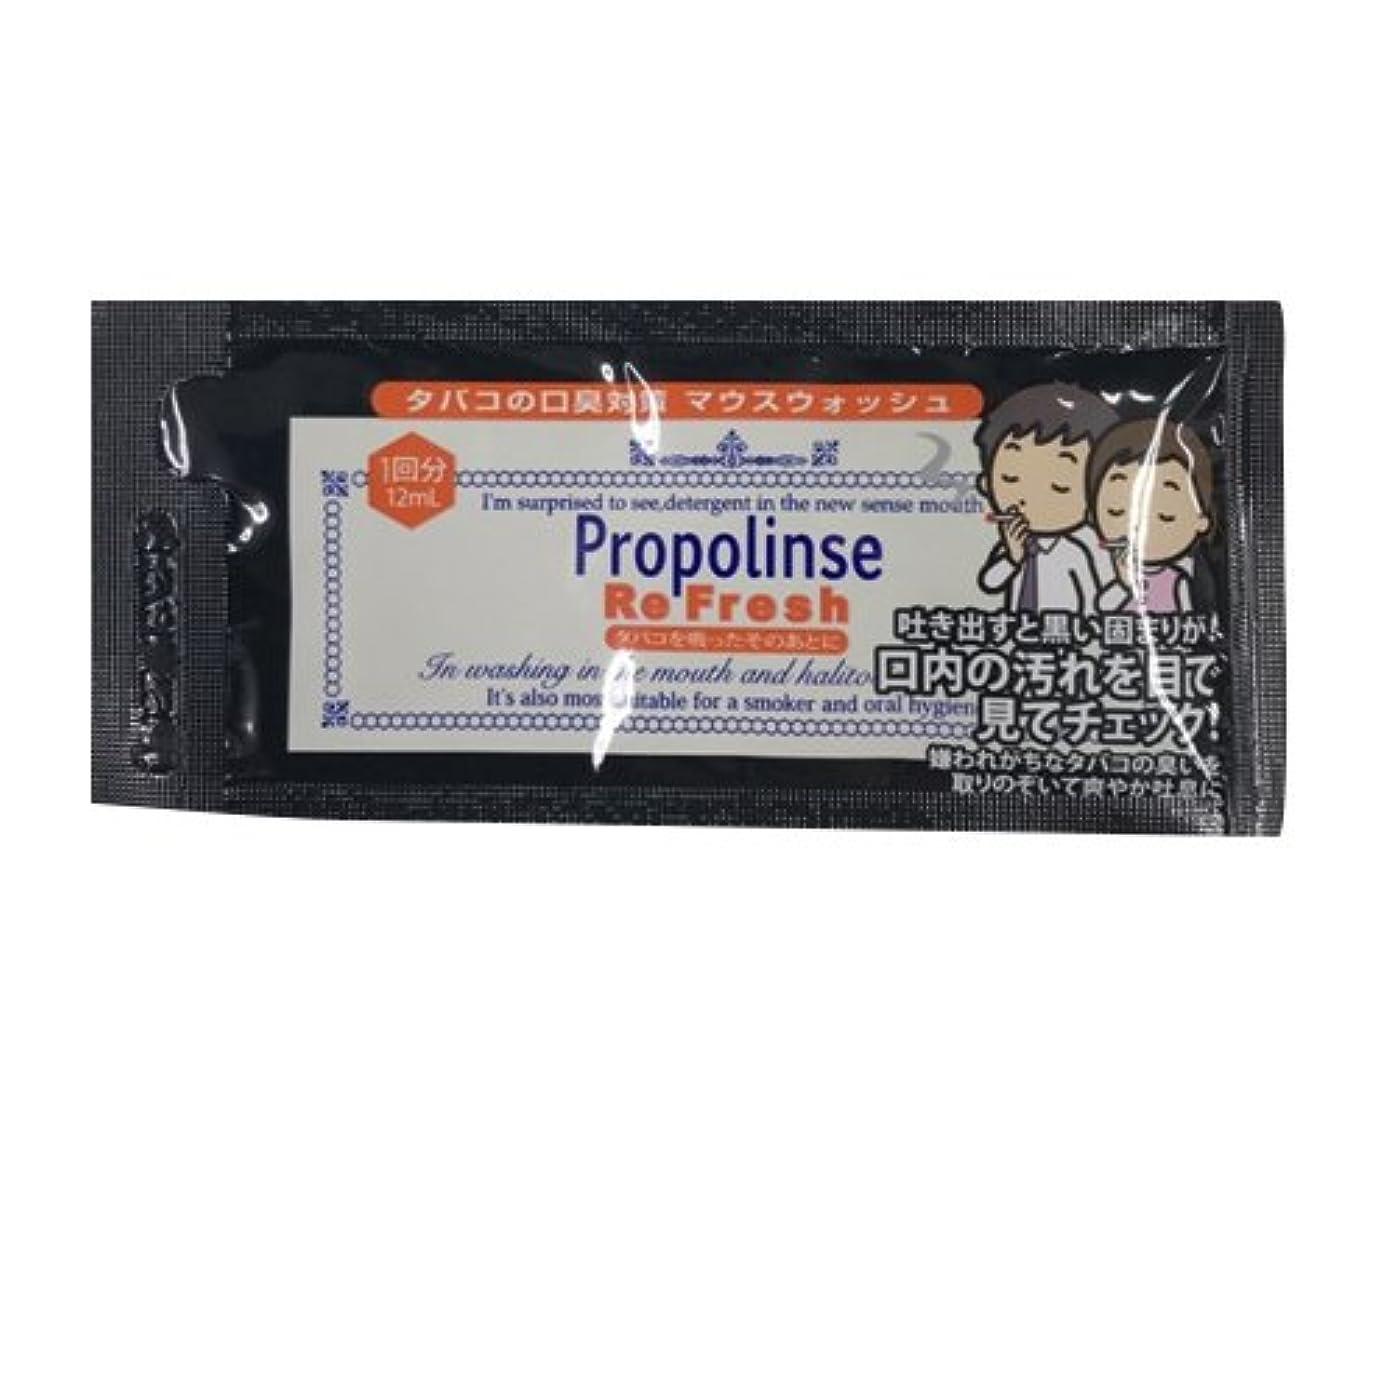 引くカニ避けられないプロポリンス ハンディパウチ12ml ×50個 リフレッシュ